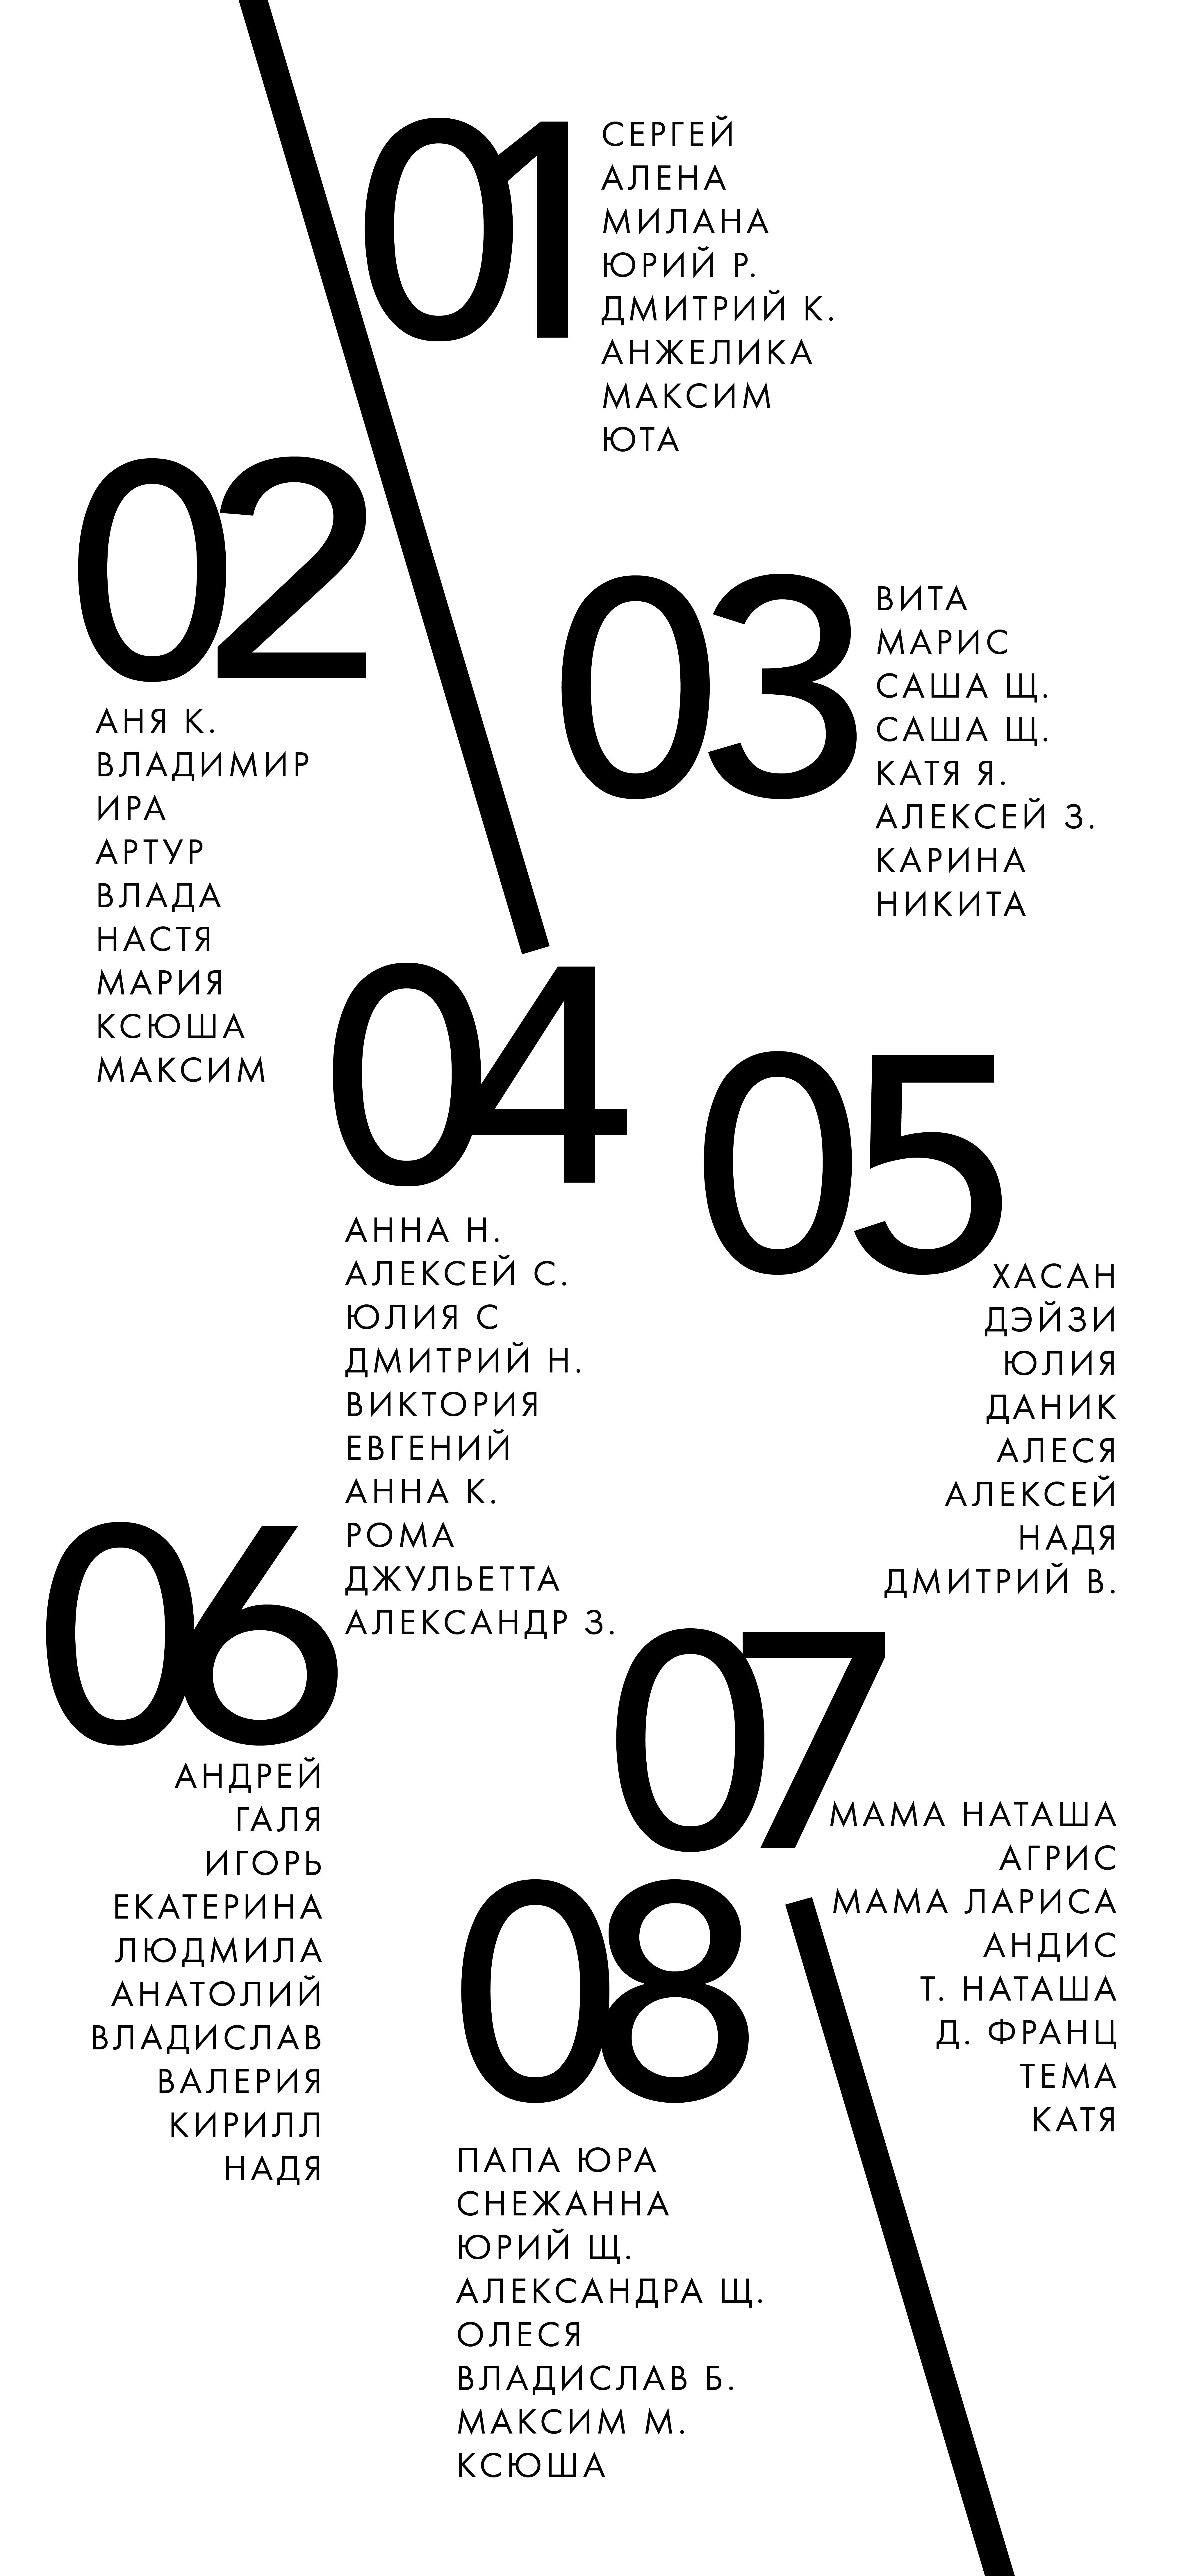 1500x700_alona_200917-01